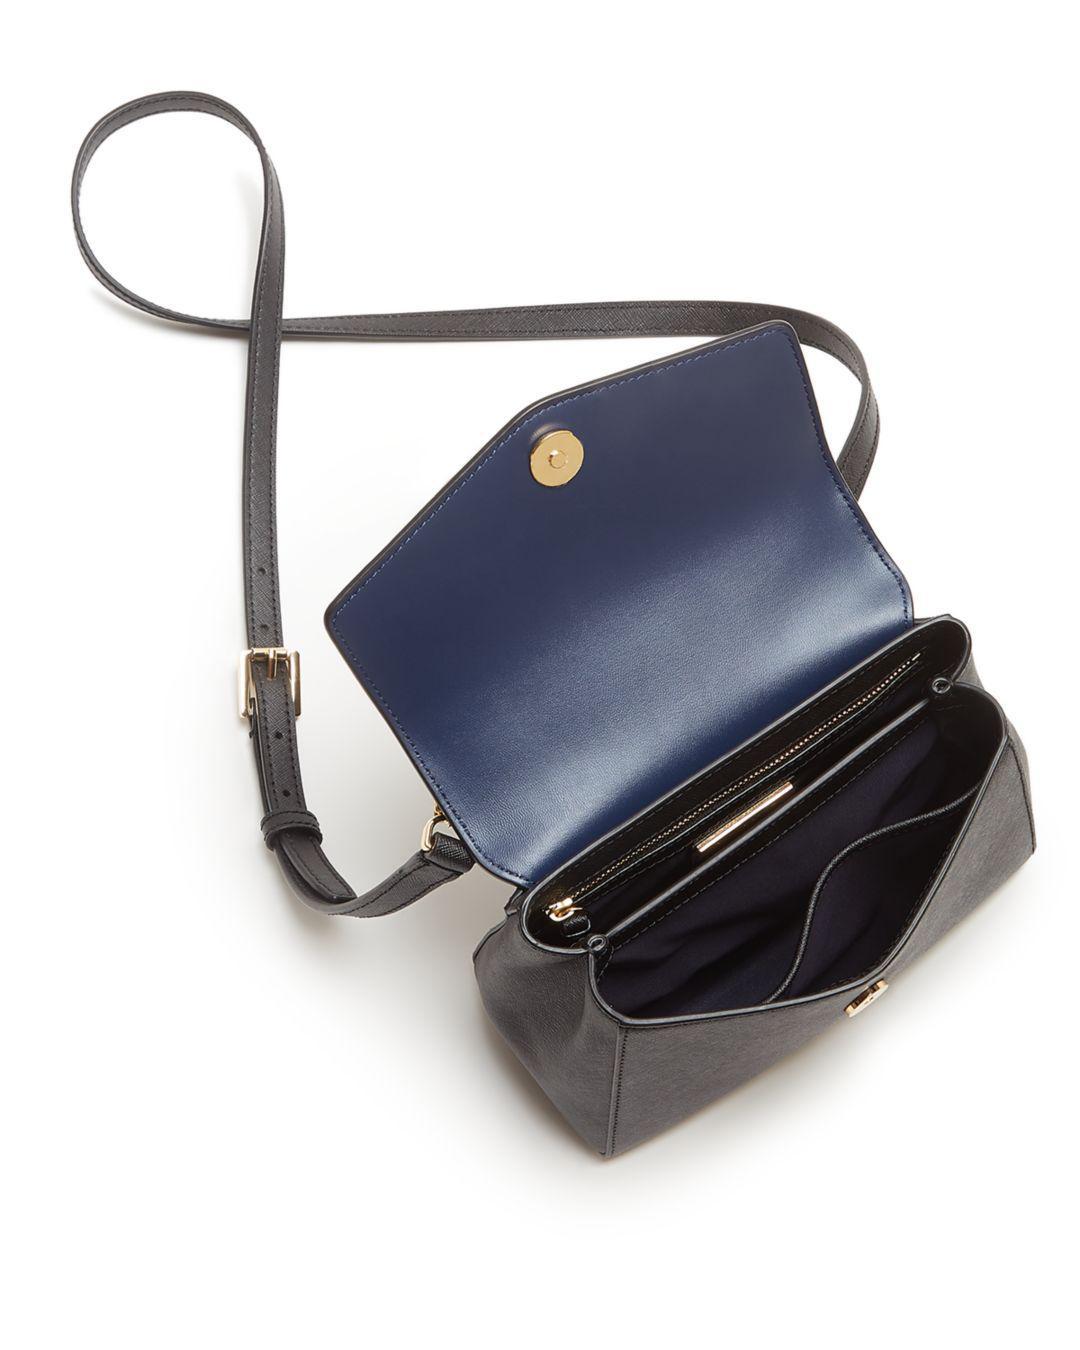 Lyst - Tory Burch Robinson Small Leather Crossbody in Black 0a3062a5b2375